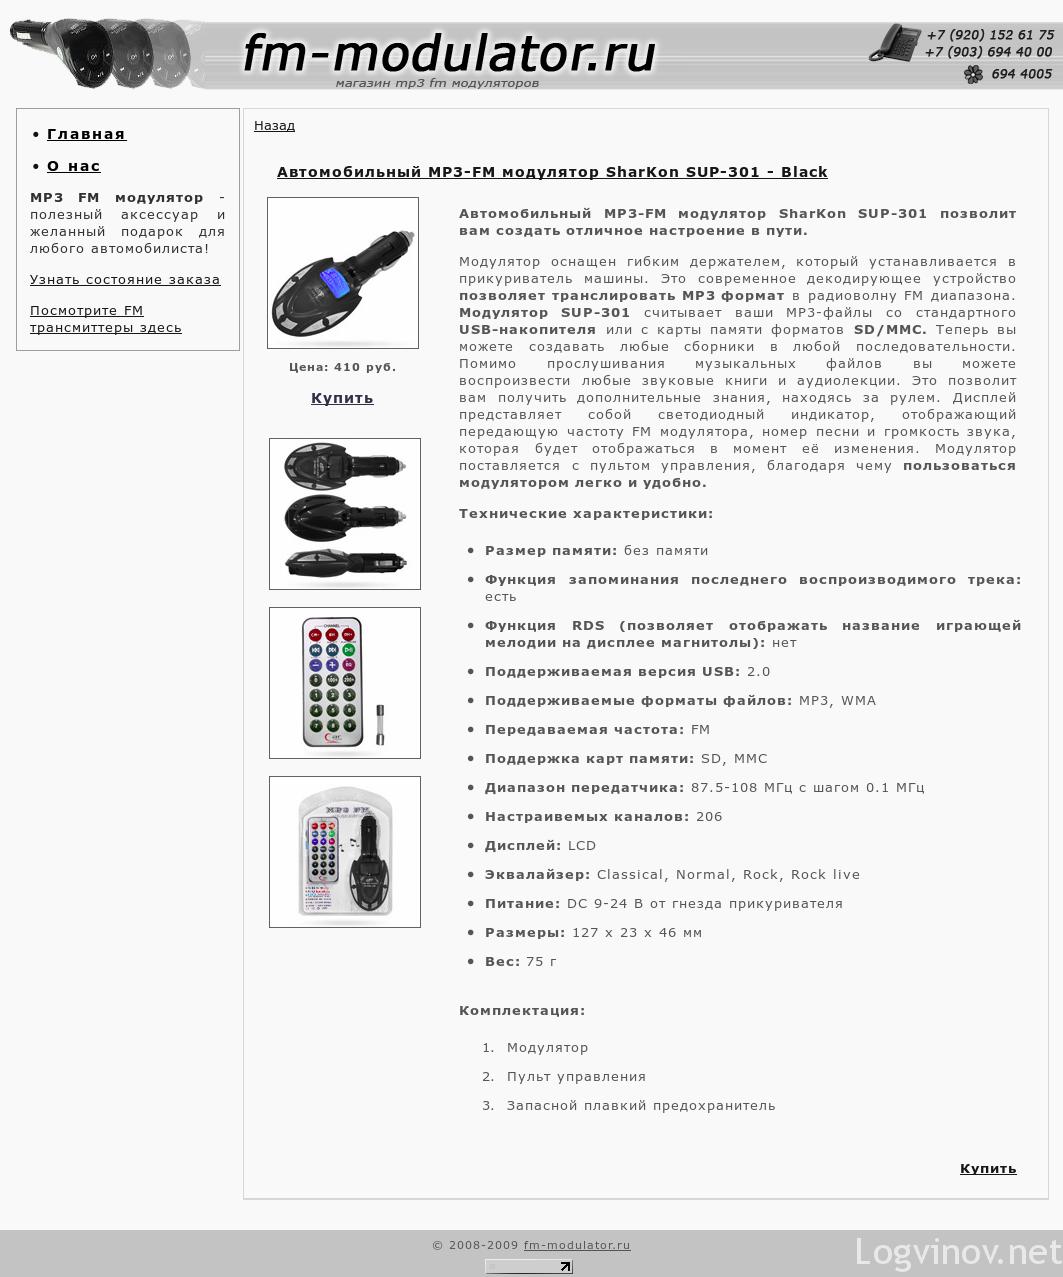 fm-modulator.ru